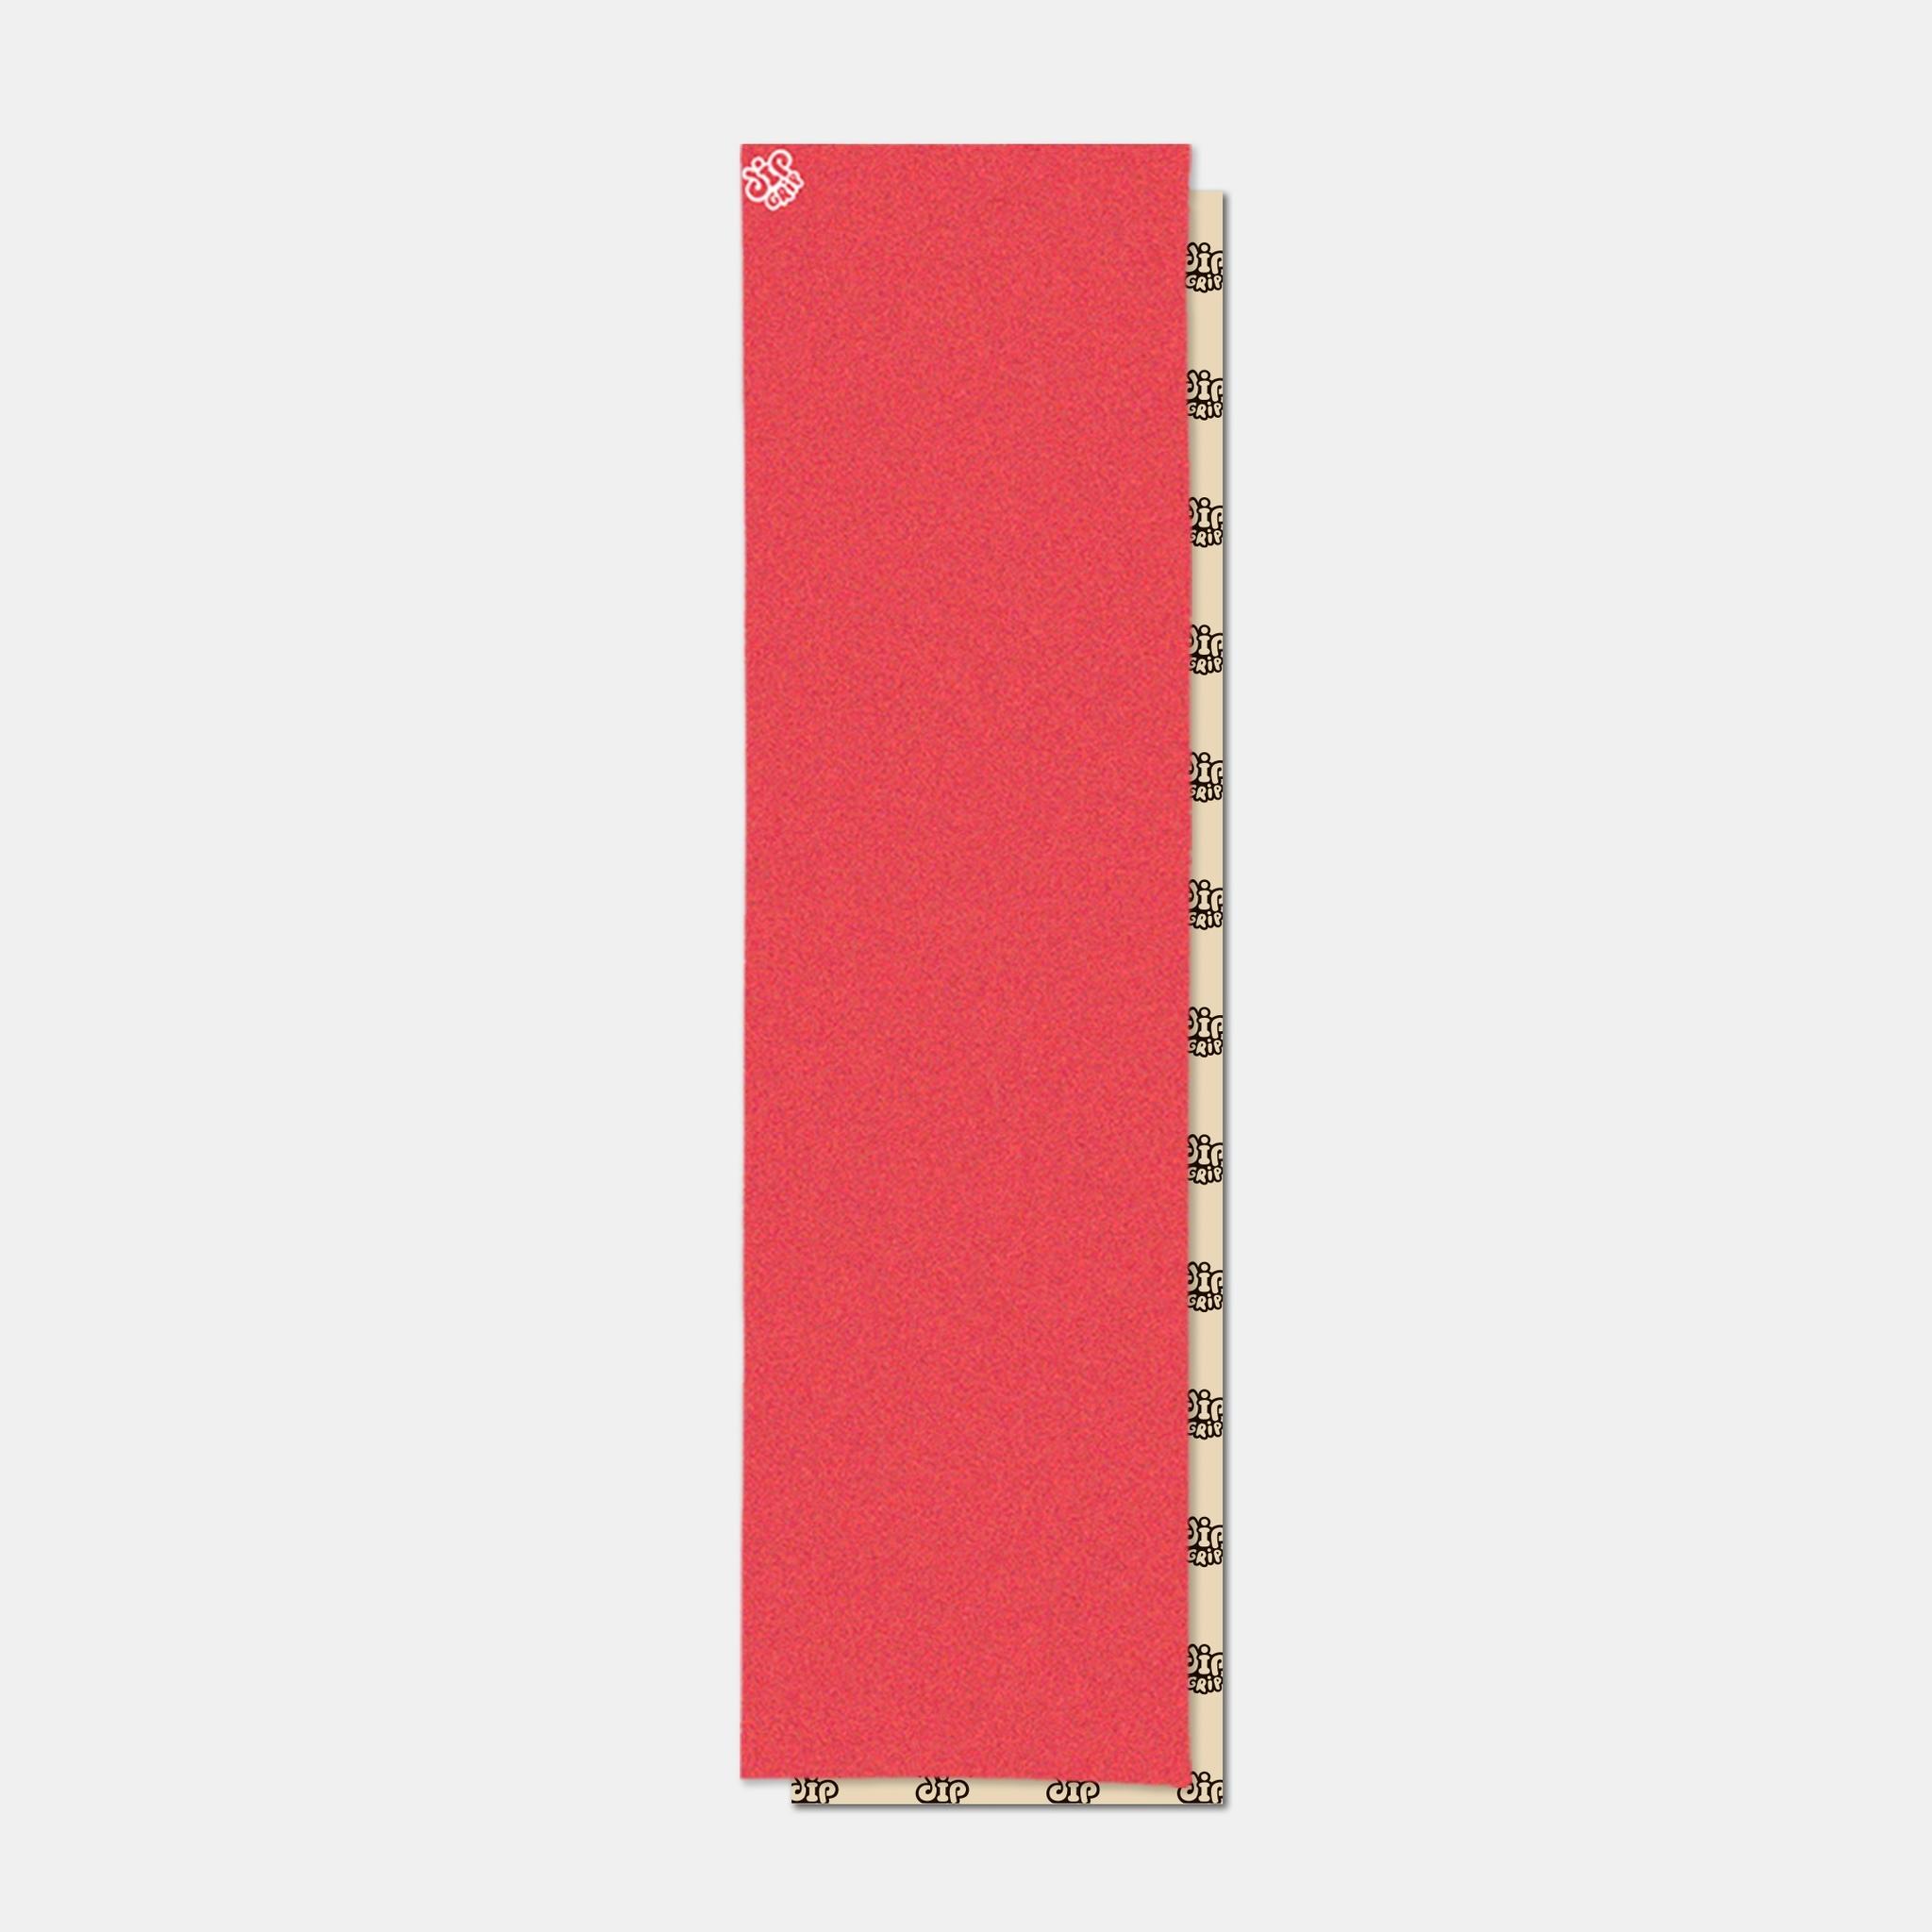 Шкурка dipGRIP Red Perforated